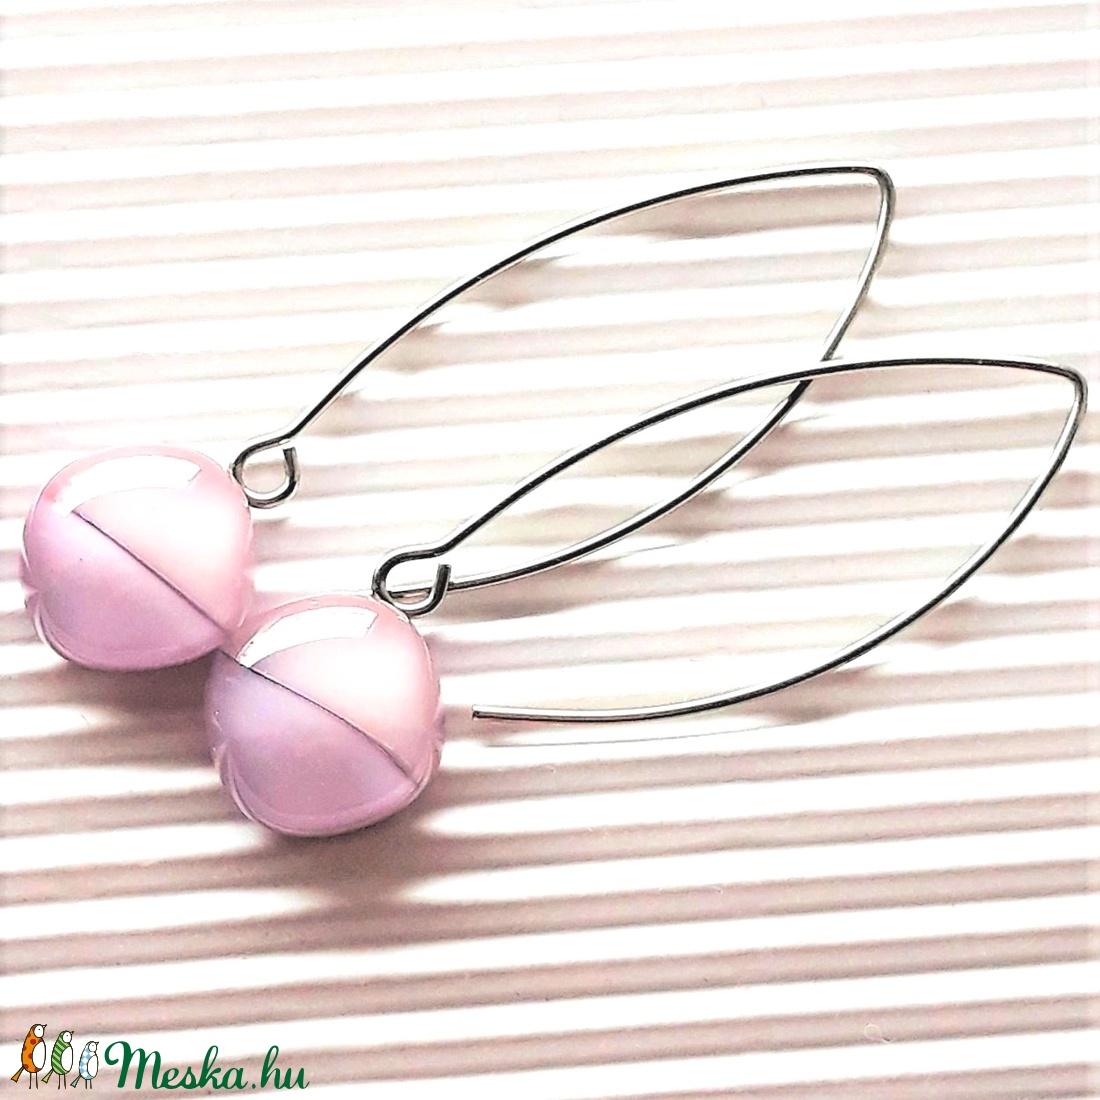 Pasztell szonáta üveg rombusz fülbevaló orvosi fém hosszú, design akasztón, minimal üvegékszer - ékszer - fülbevaló - lógó fülbevaló - Meska.hu